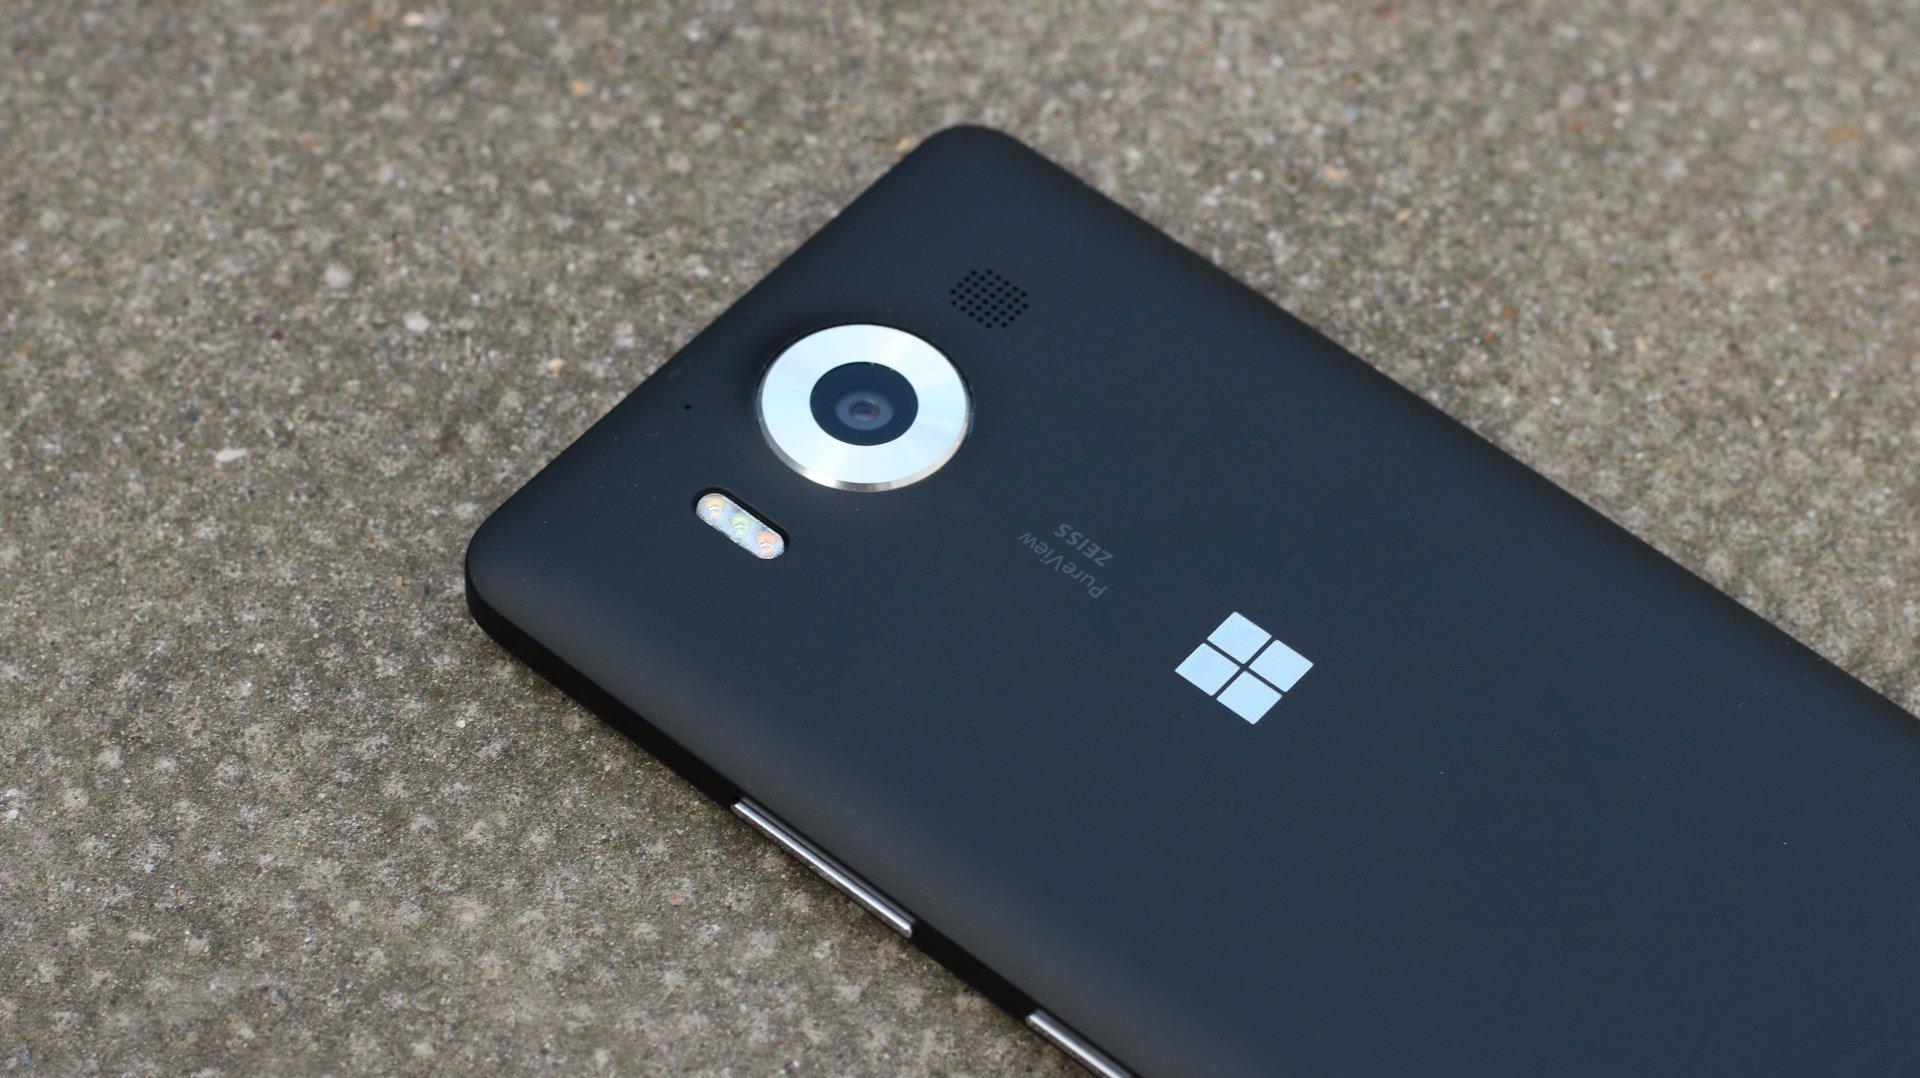 nokia lumia 950. microsoft lumia 950 camera nokia